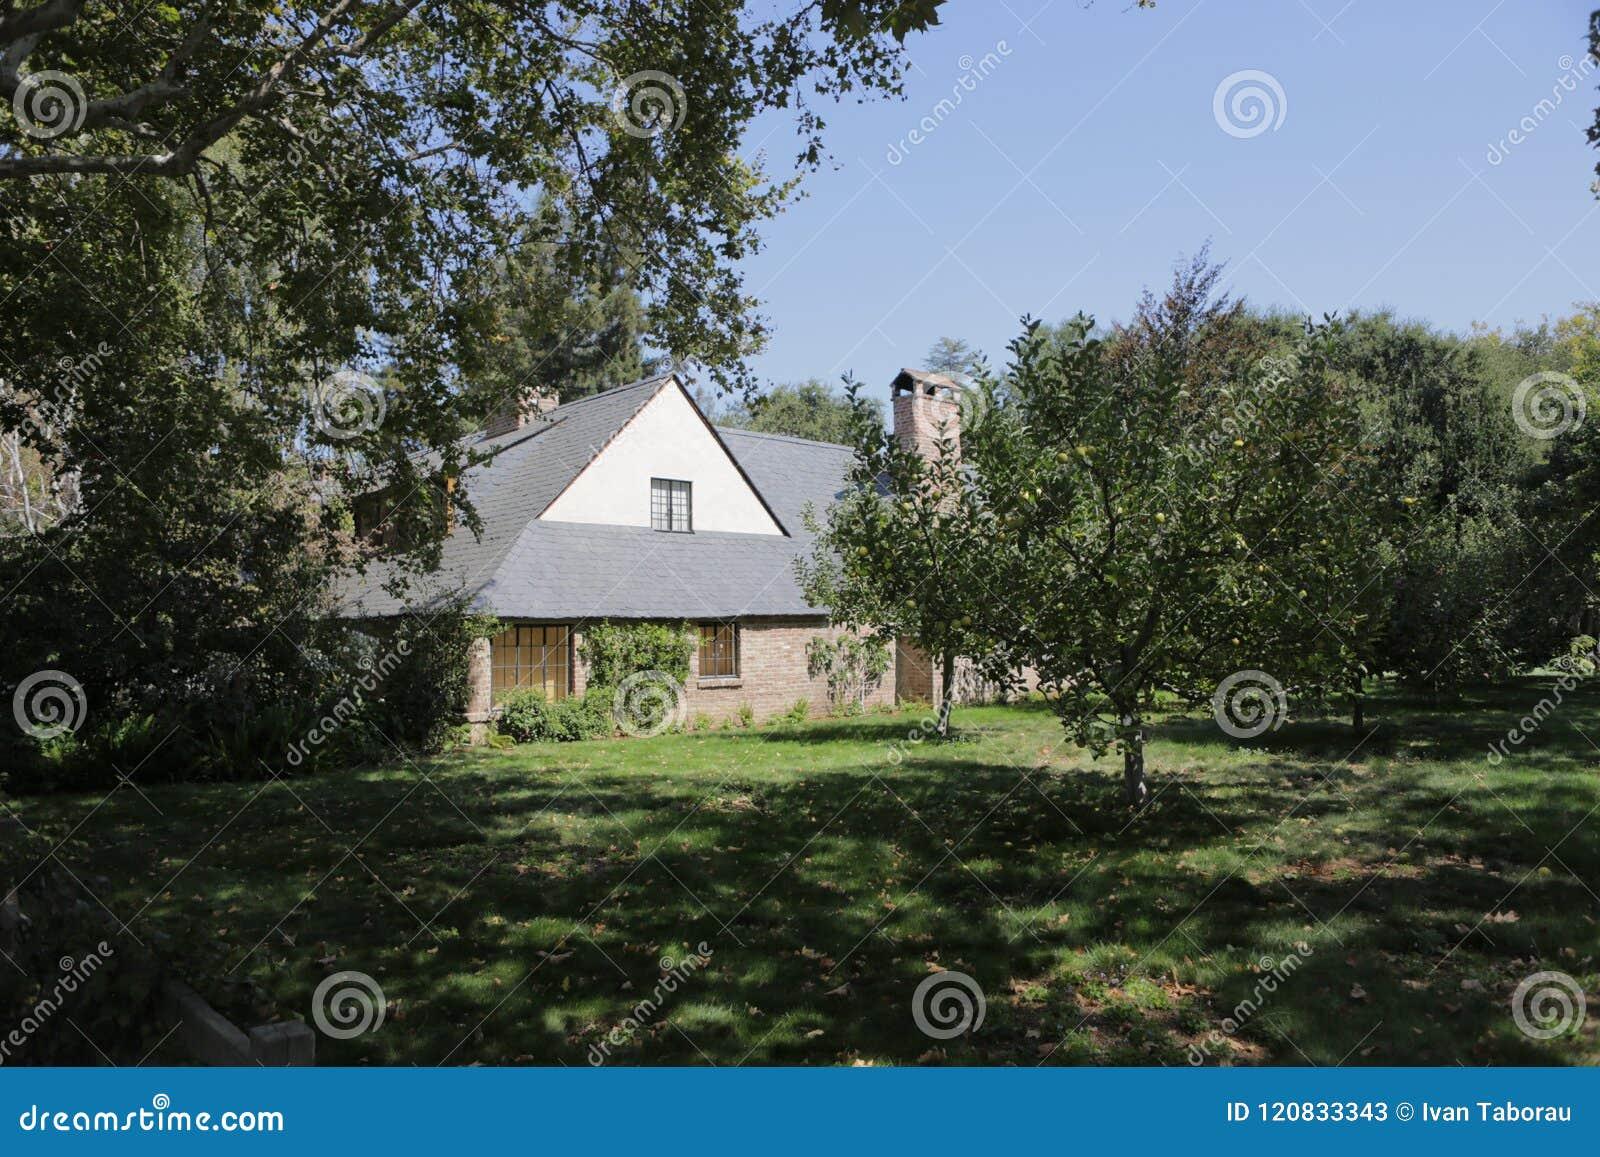 Πάλο Άλτο, Καλιφόρνια, το Σεπτέμβριο του 2016 σπίτι του Στηβ Τζομπς με τα δέντρα μηλιάς